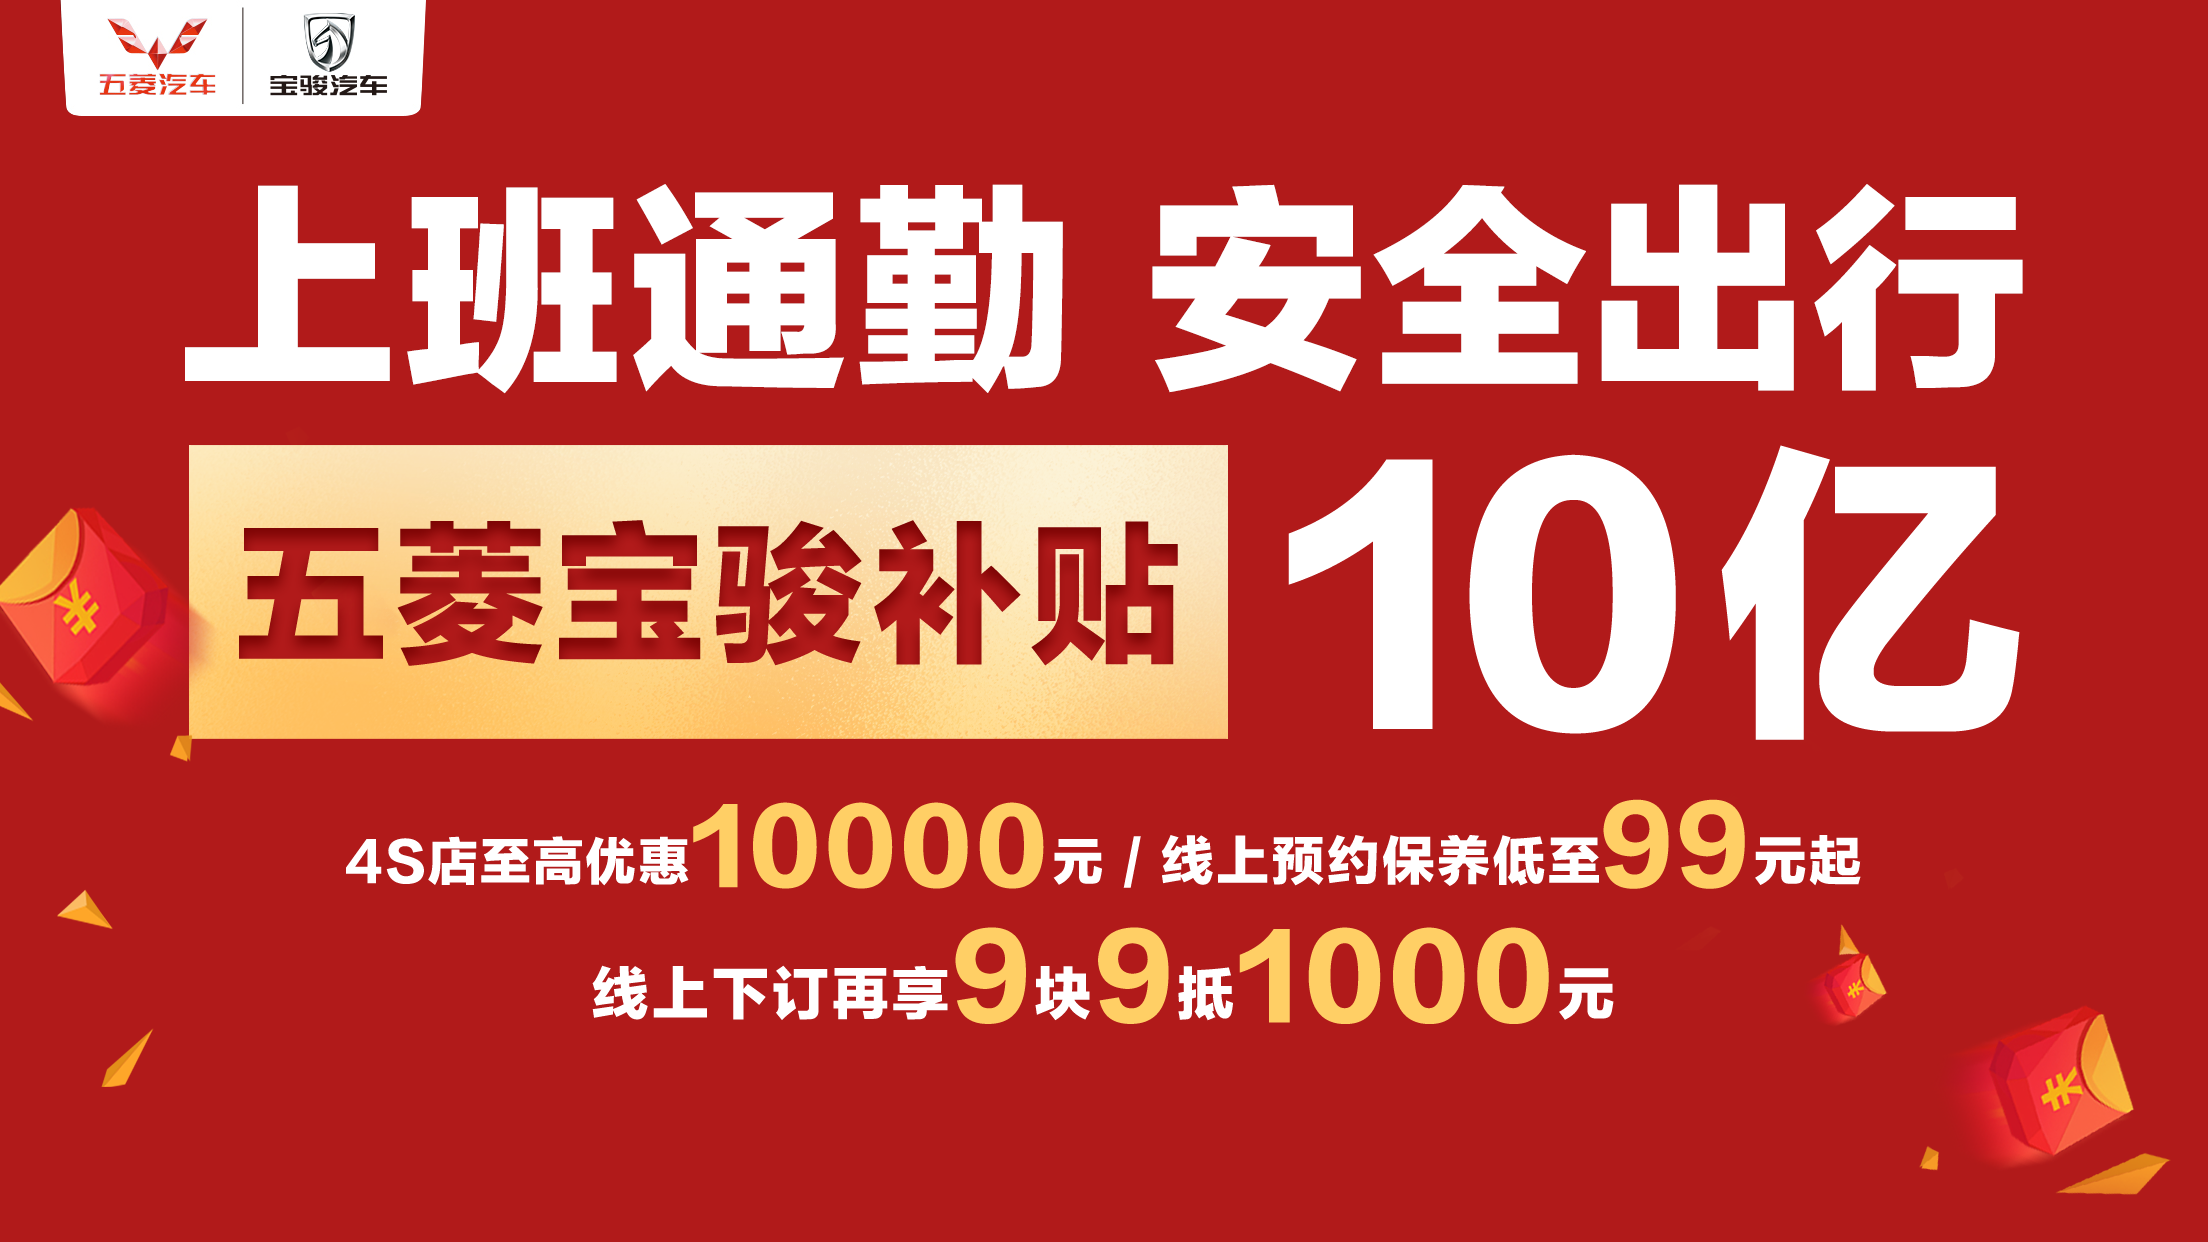 诚意十足,补贴10亿!上汽通用五菱成为今年节后首家提供购车补贴的车企